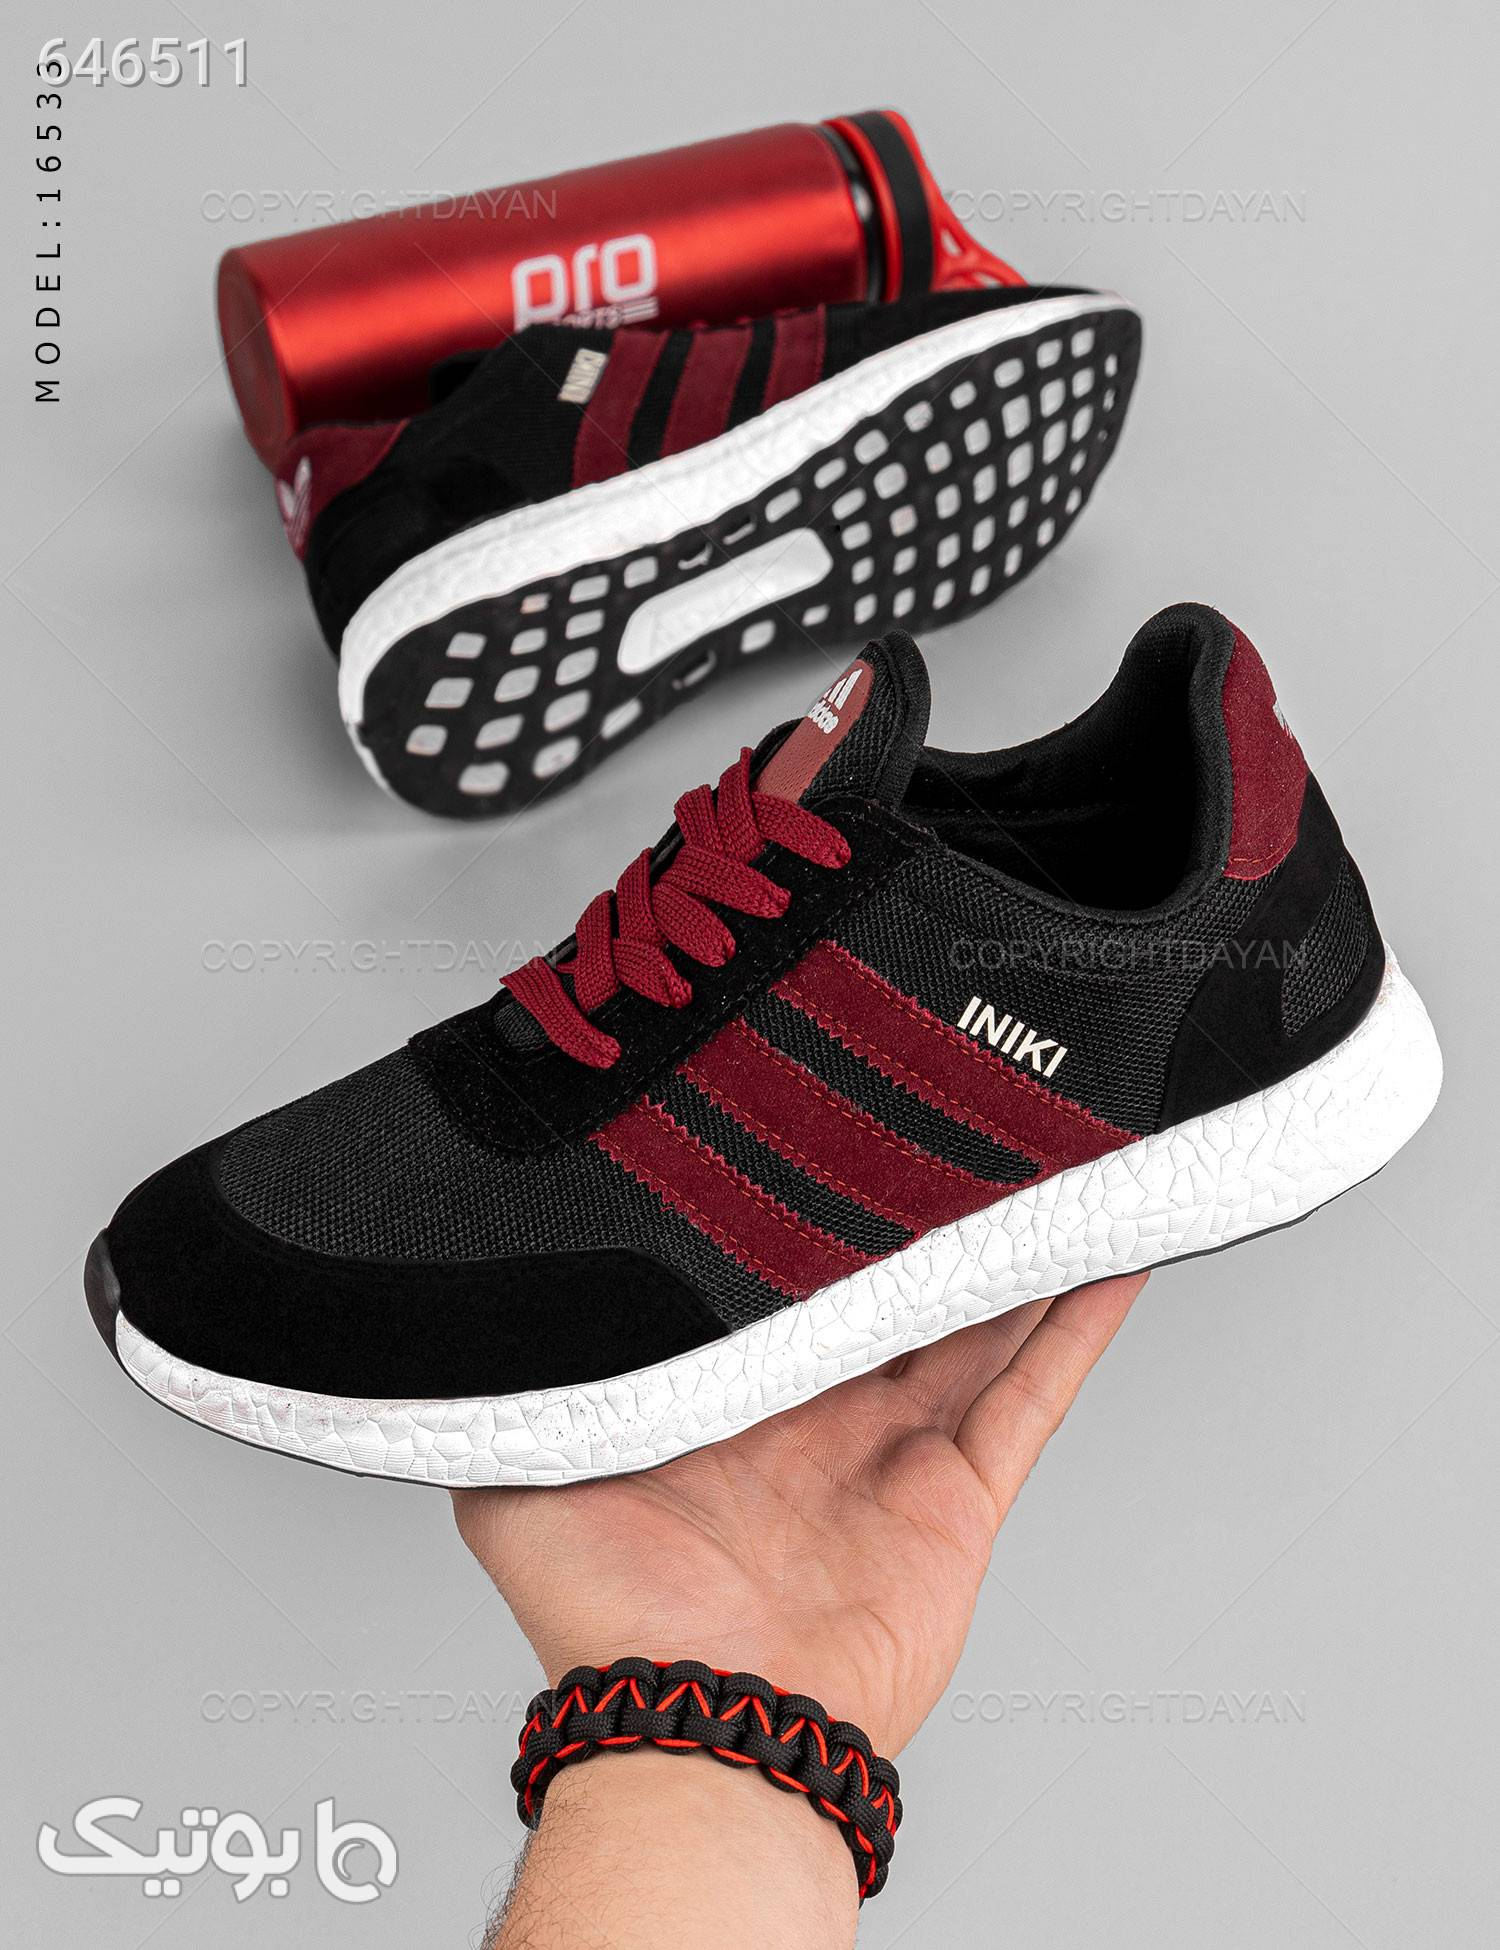 کفش مردانه Adidas مدل 16533 مشکی كتانی مردانه